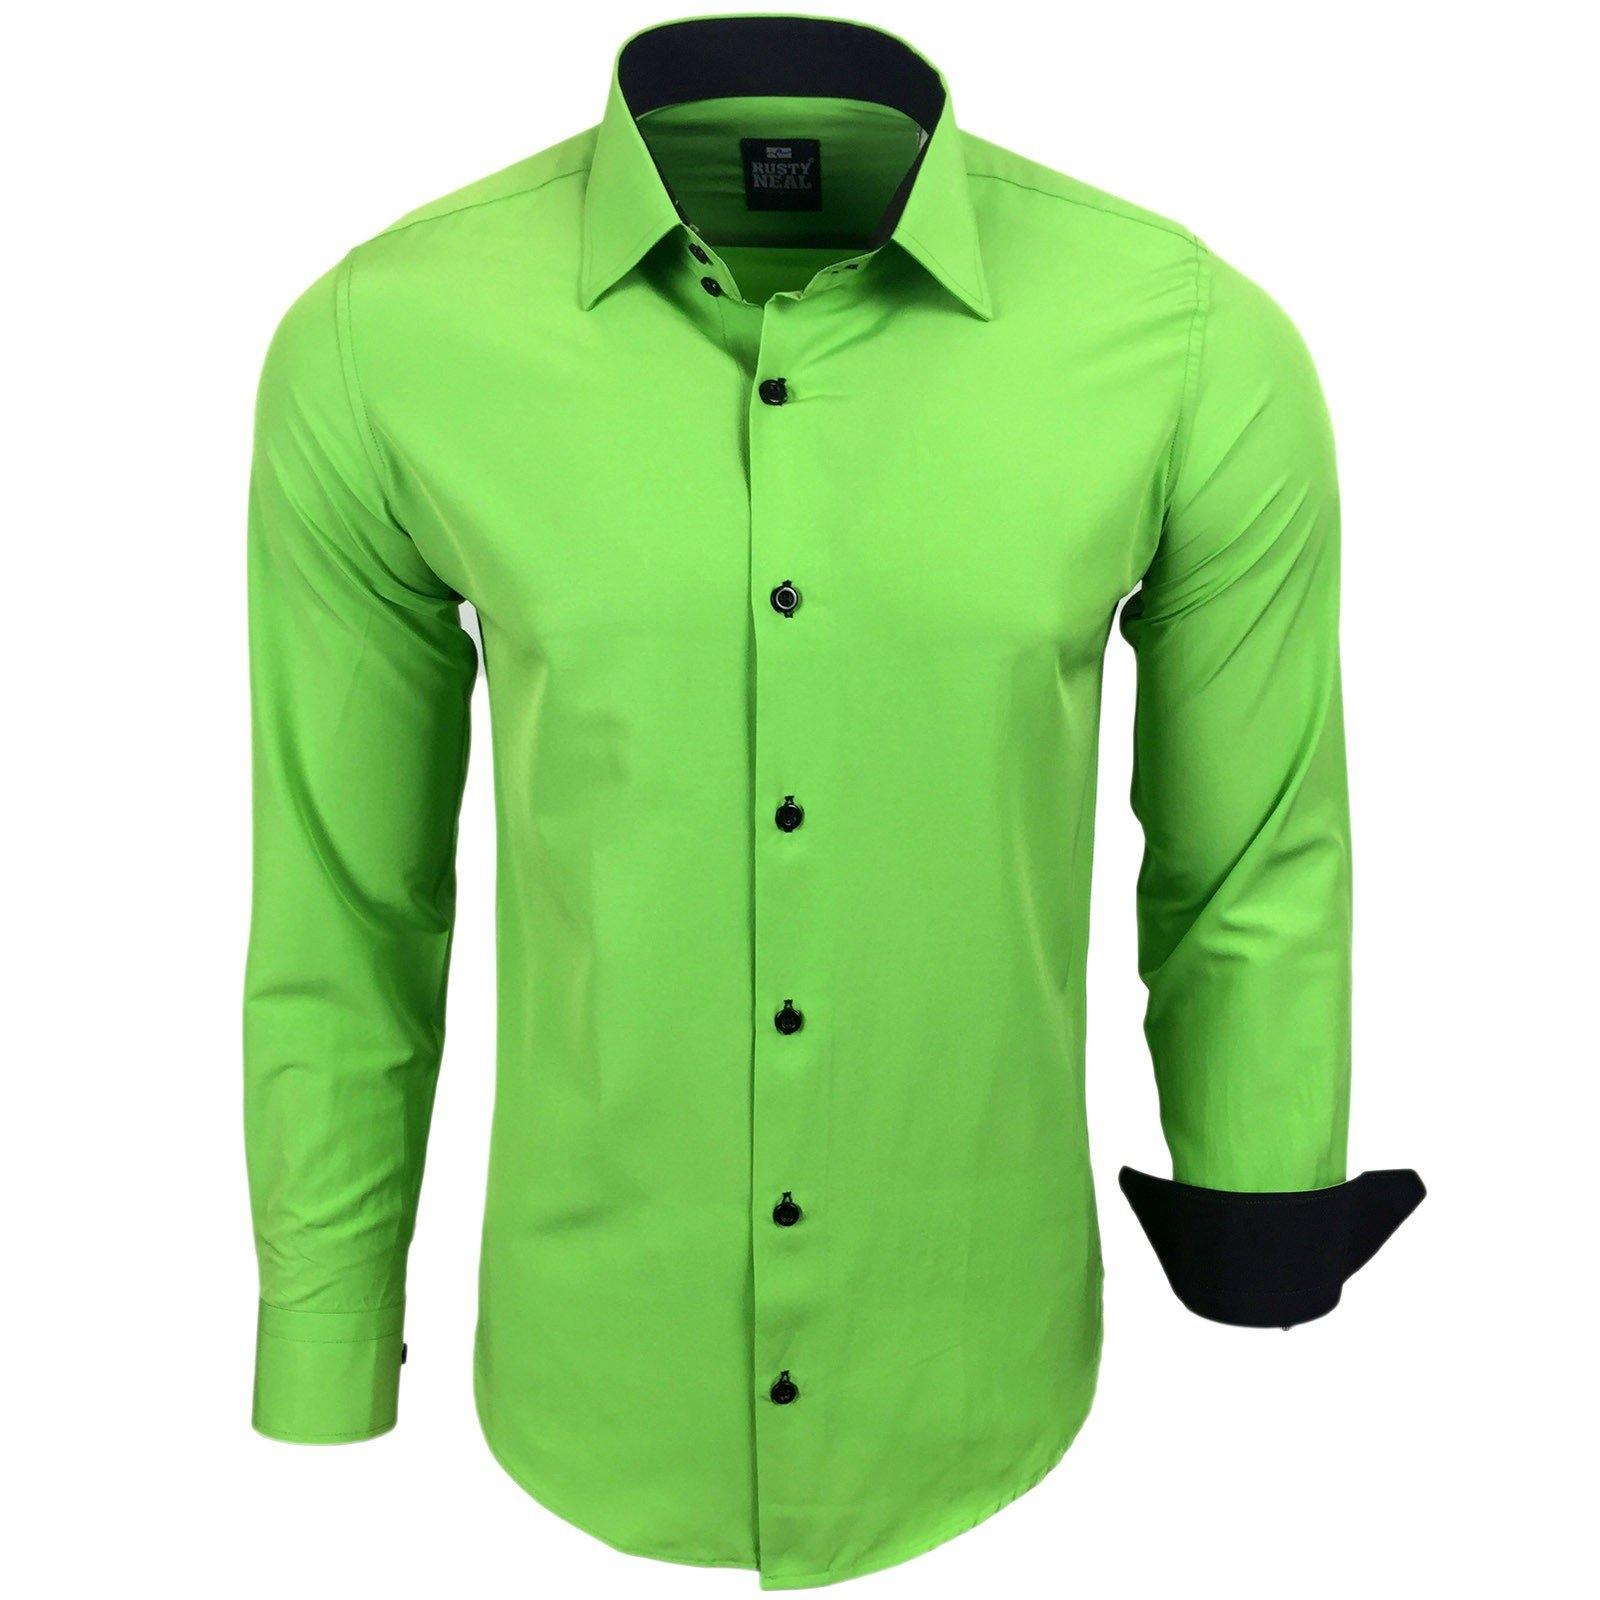 Mintgroen Heren Overhemd.Overhemden Online Kopen Grote Collectie Otto